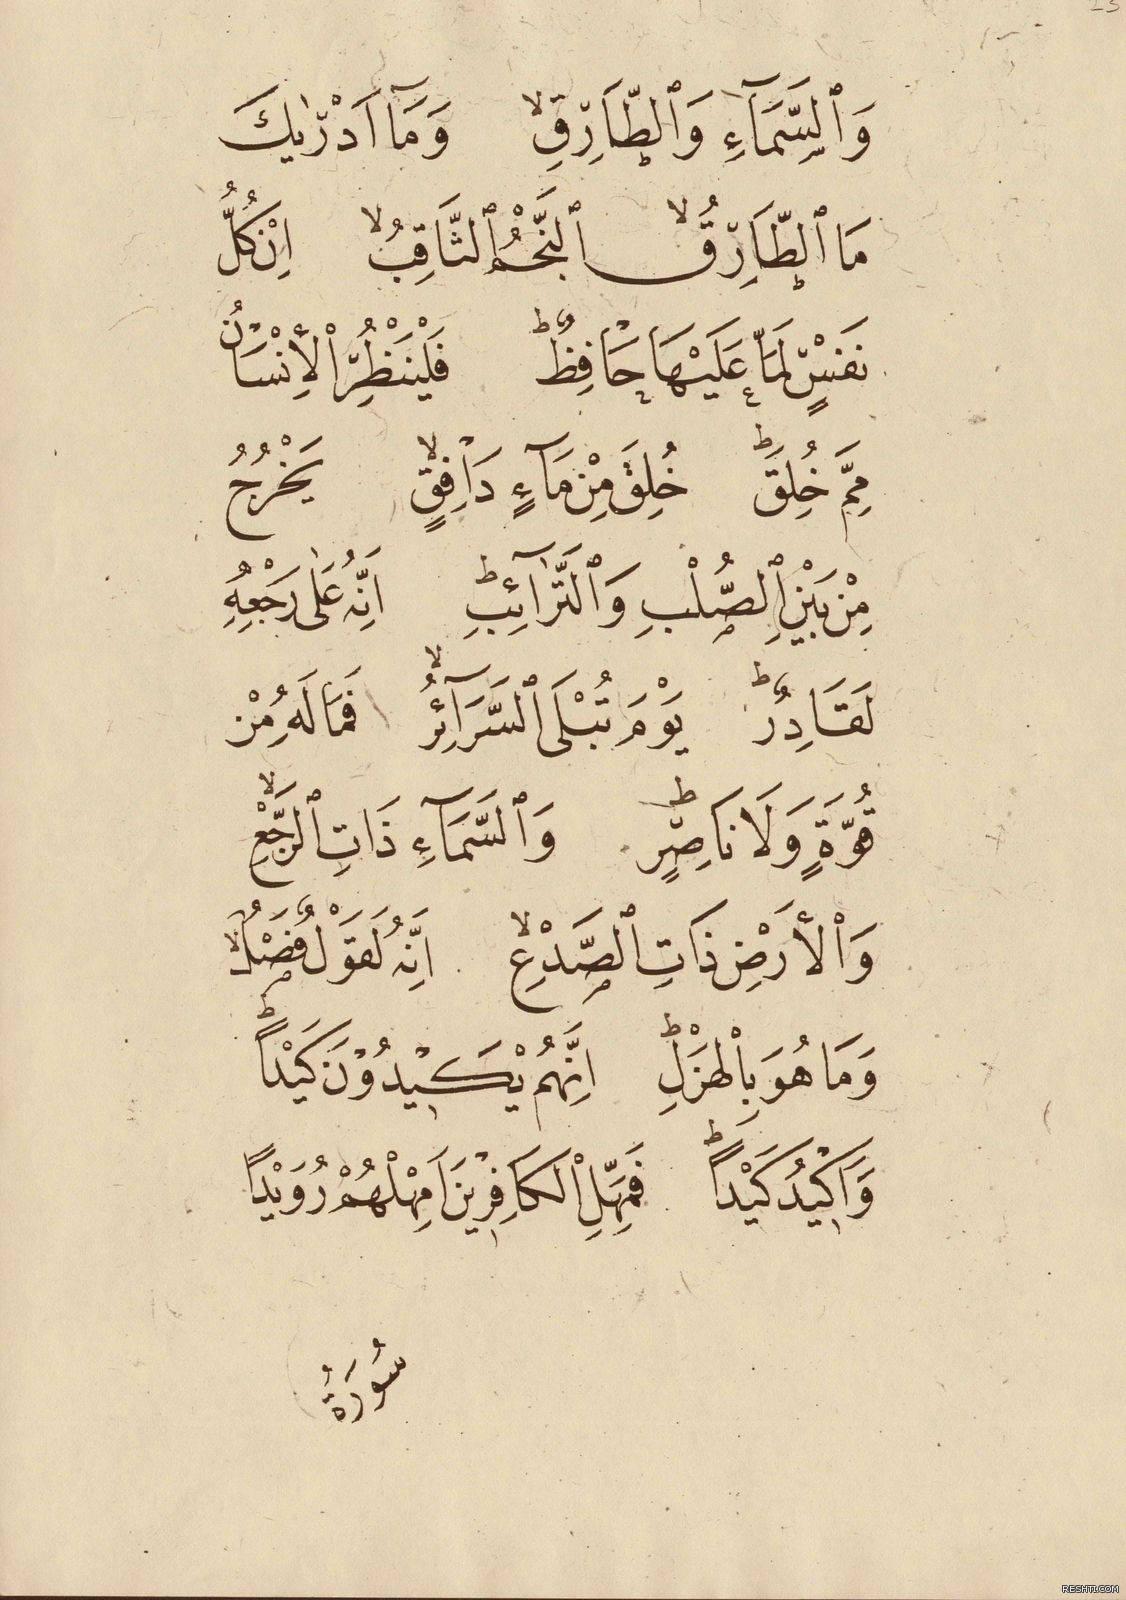 جزء عم بخط محمد شوقي 9